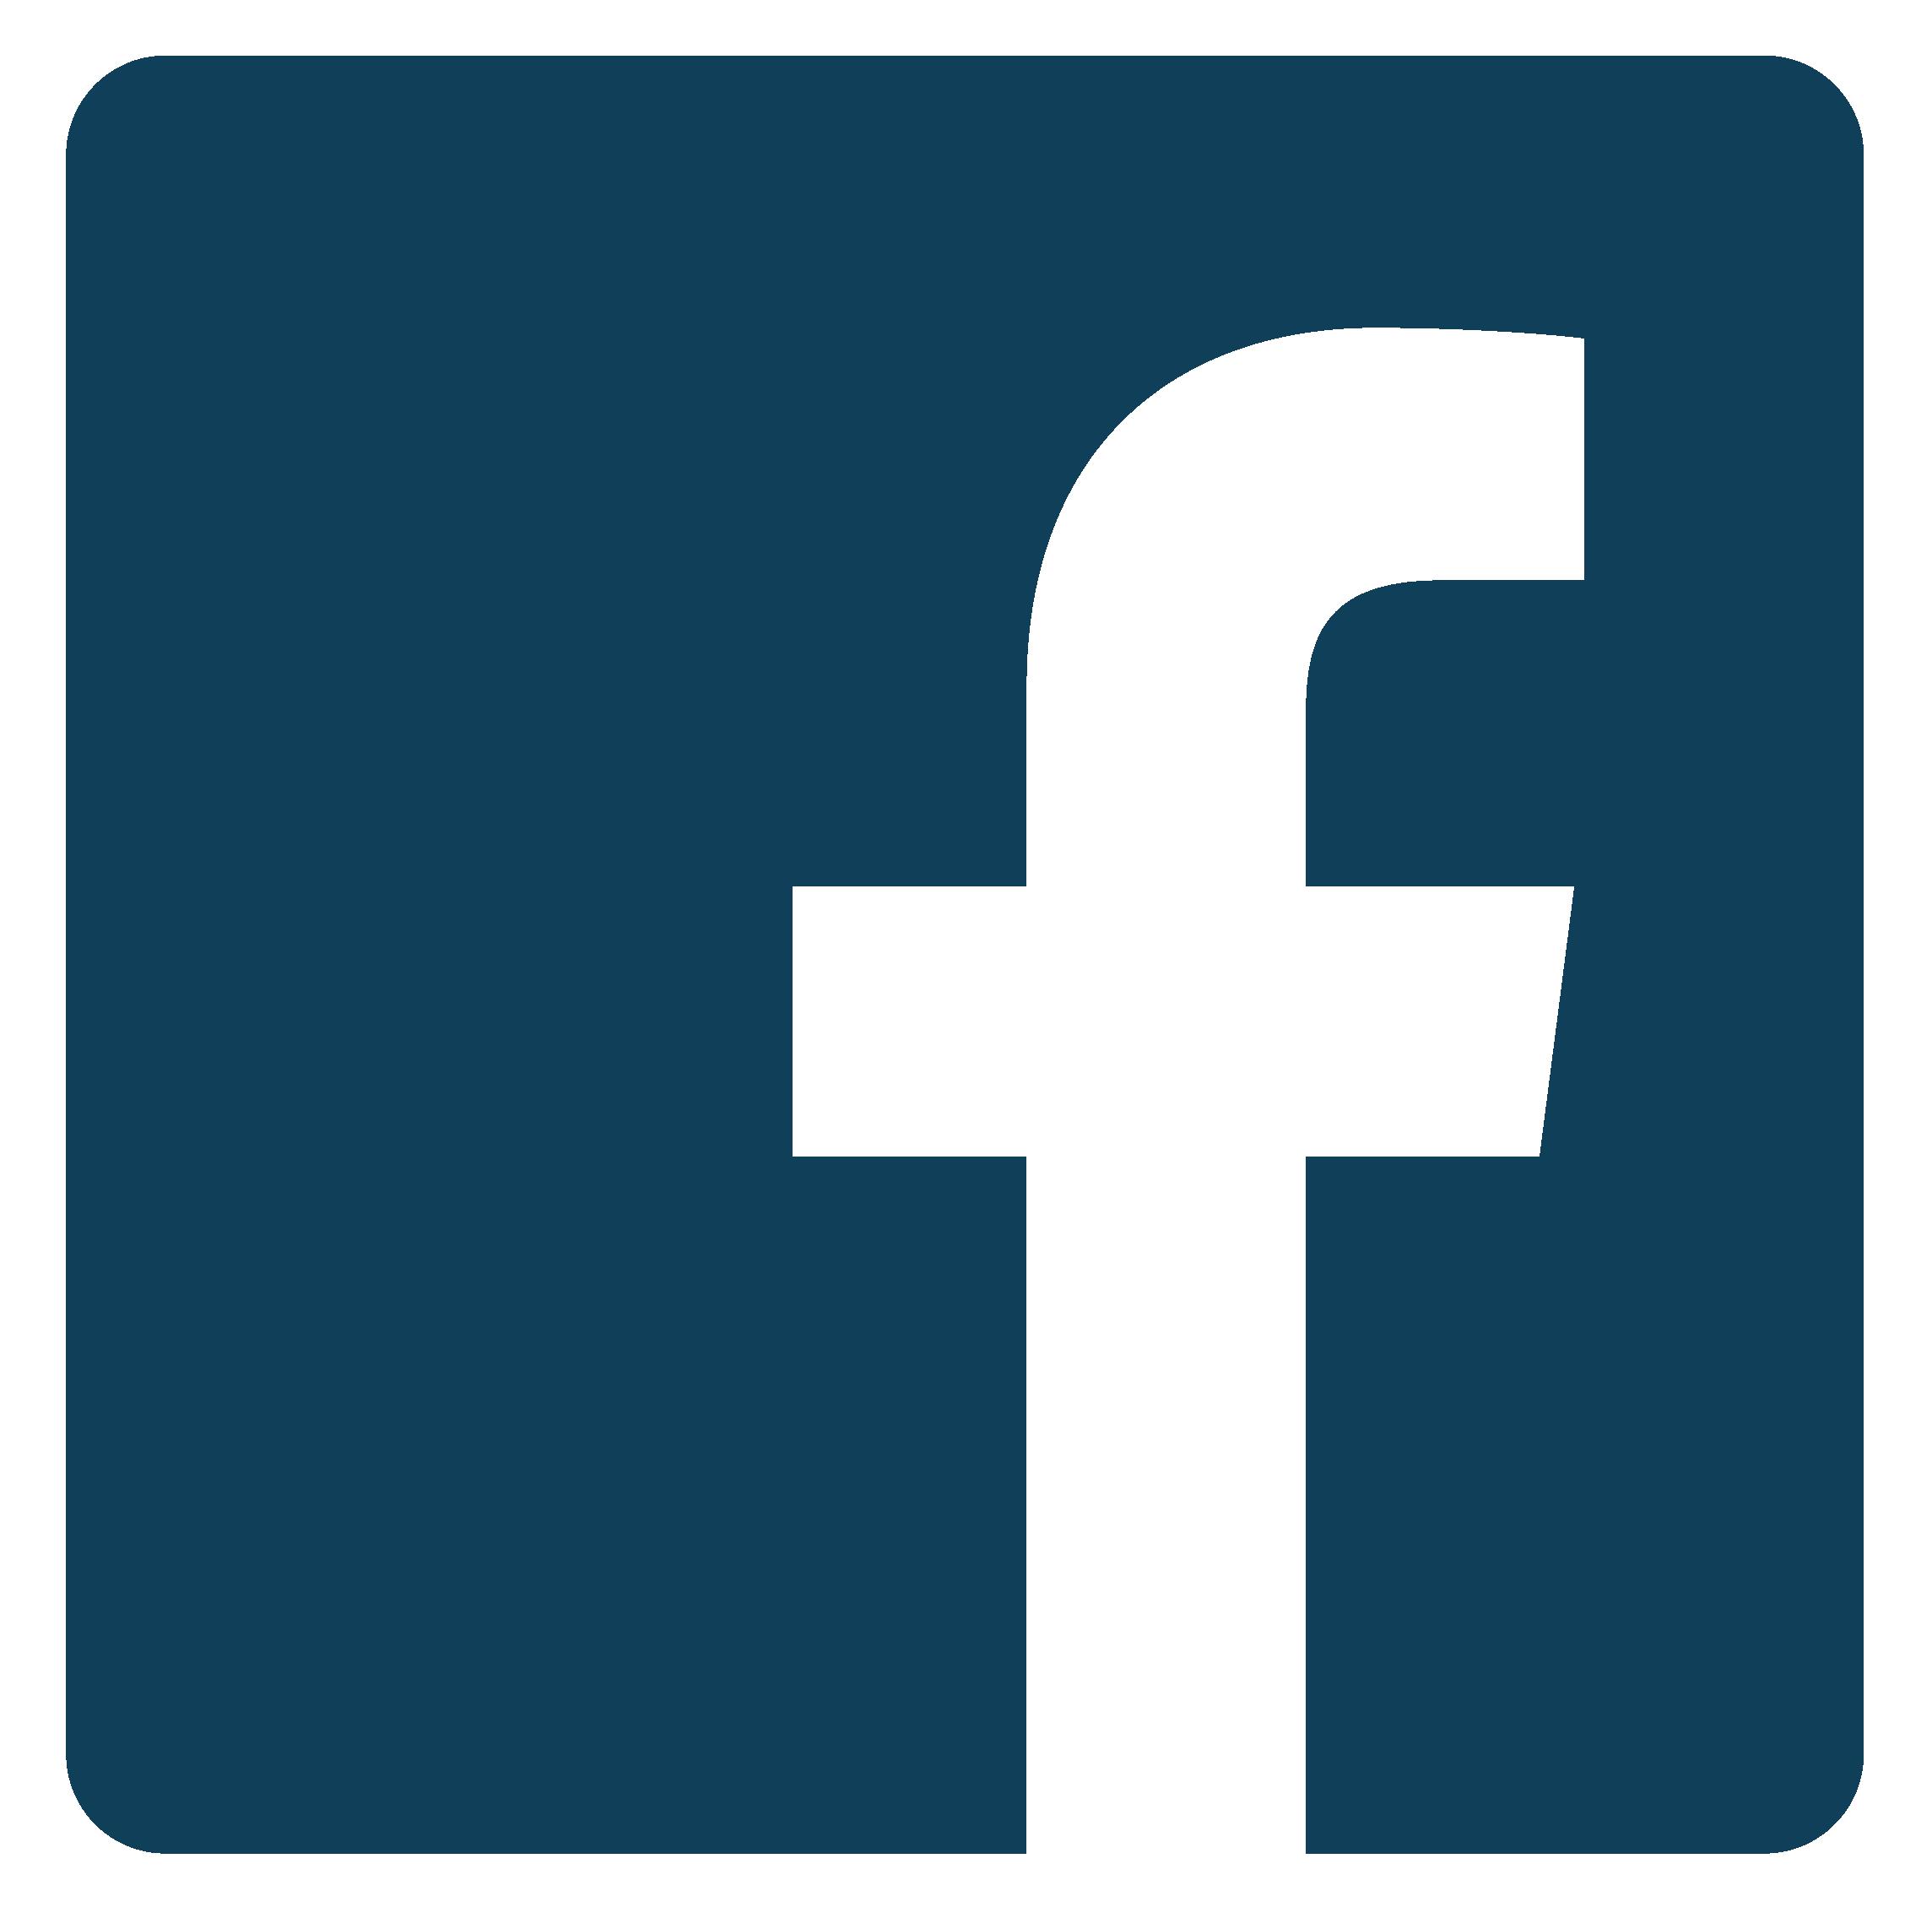 Facebook Computer Icons Logo Blog.